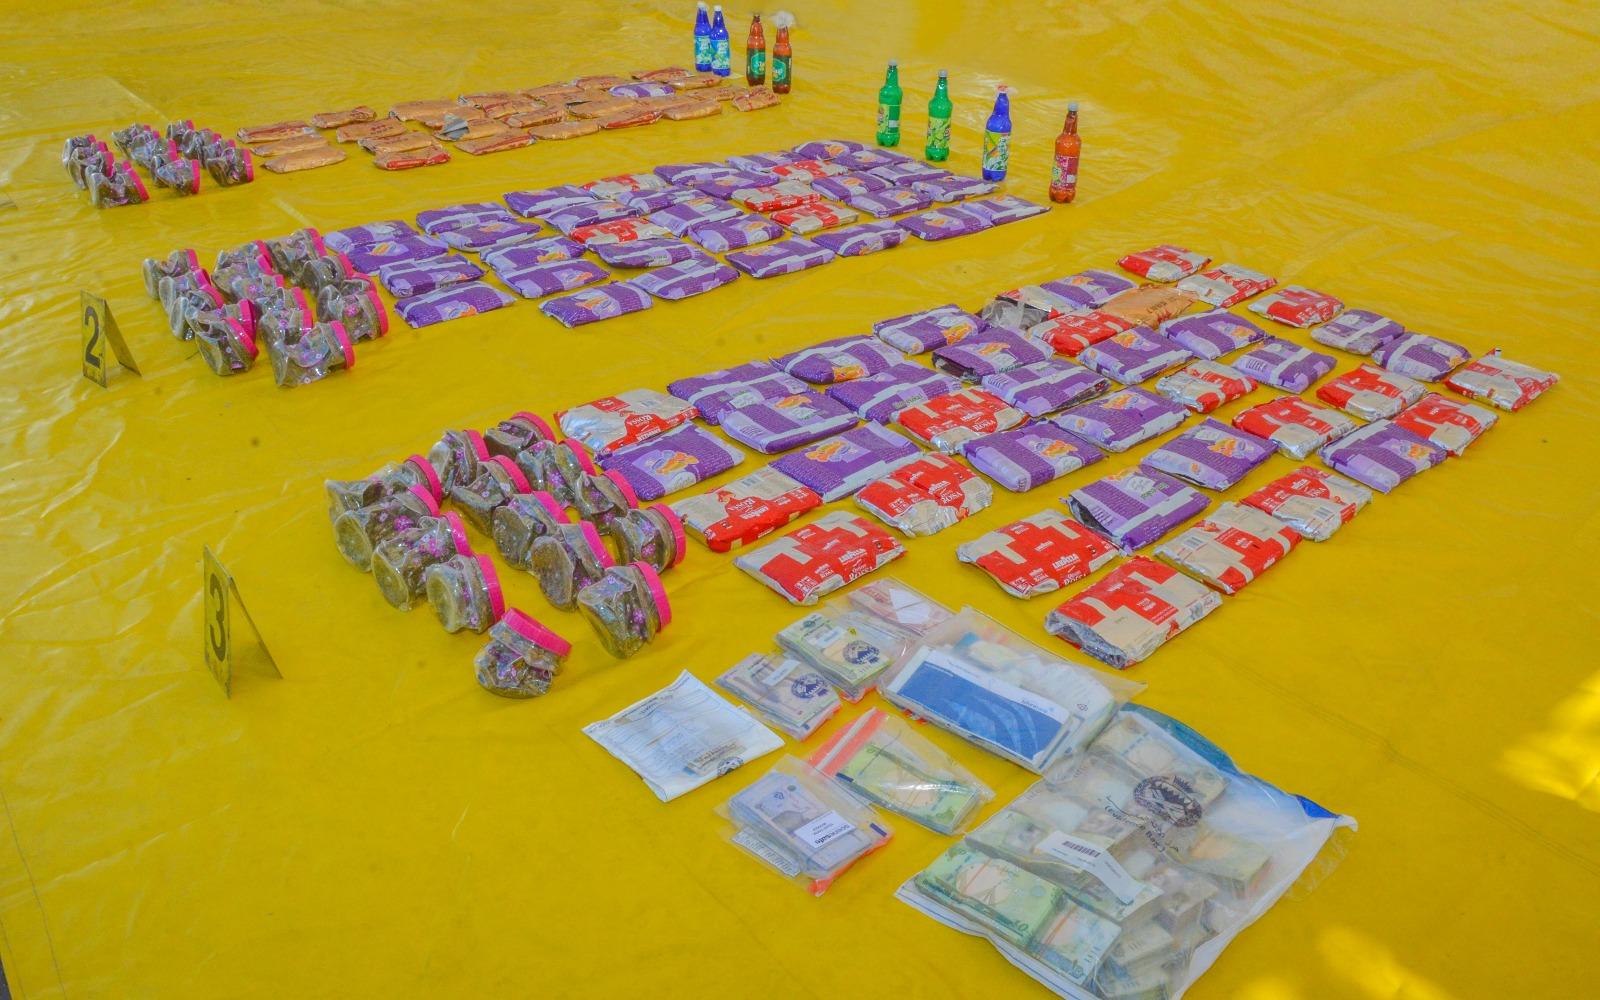 ضبط كمية مخدرات كبيرة في سواحل البحرين